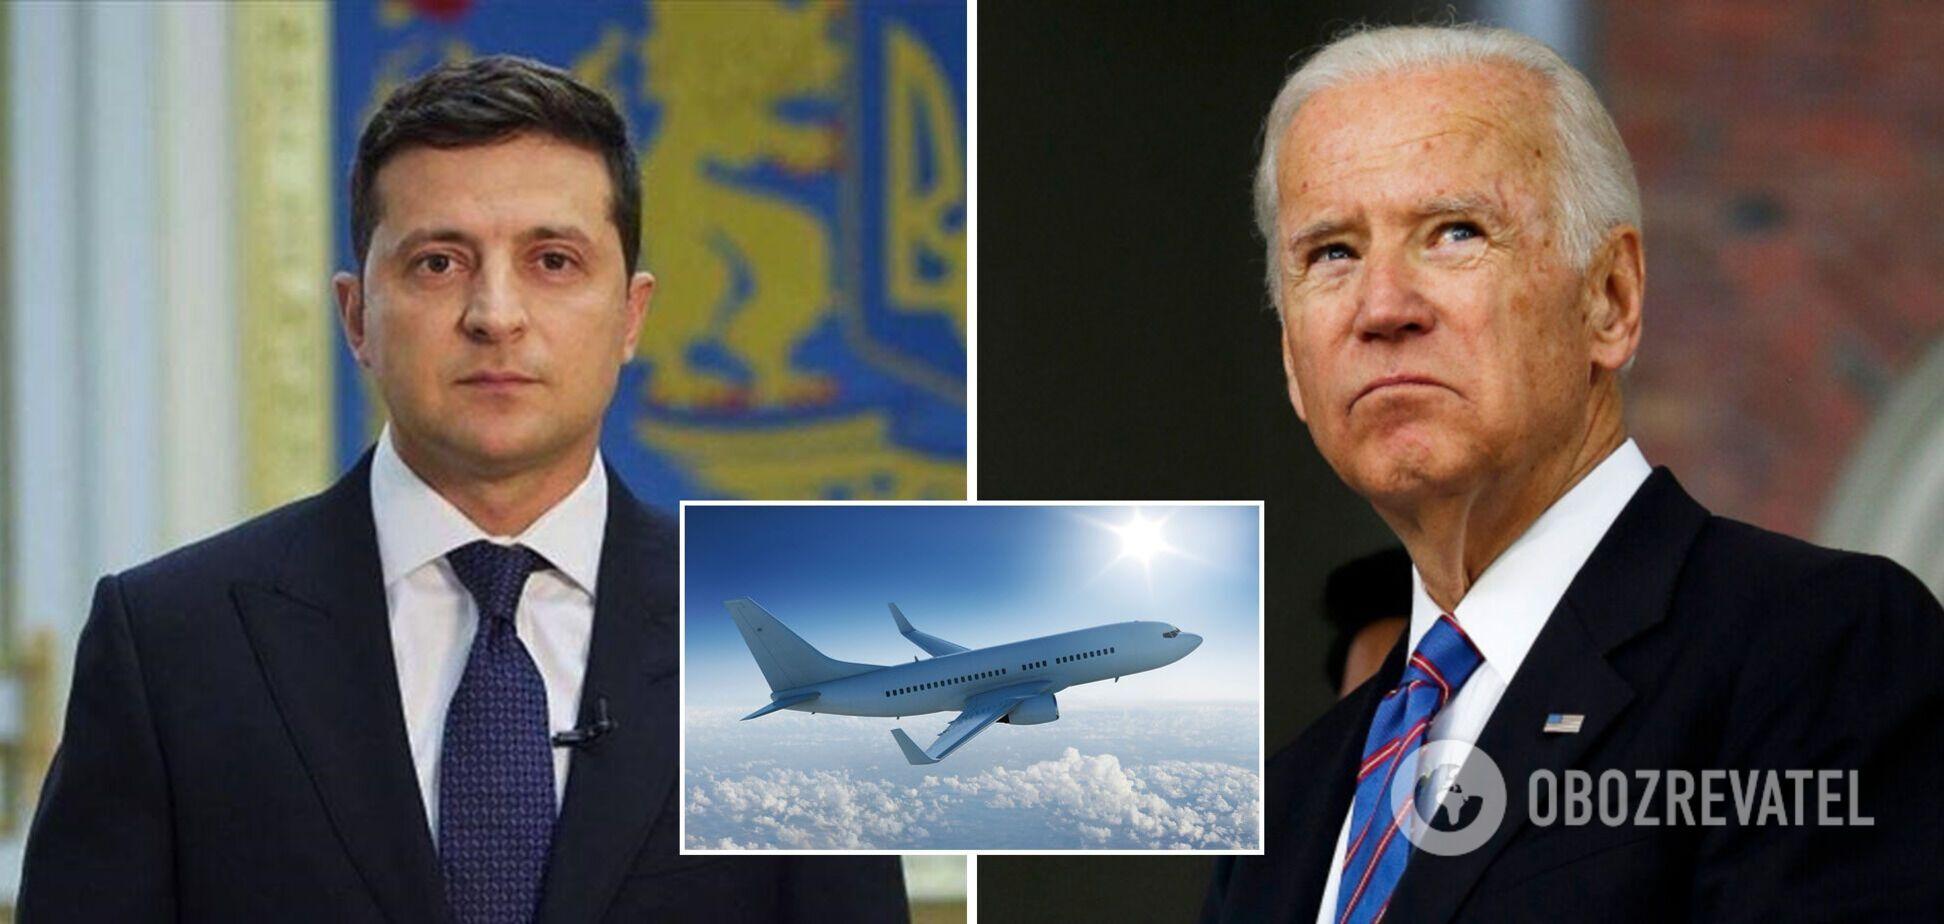 Зеленский вылетает в США: выяснились новые детали переговоров с Байденом